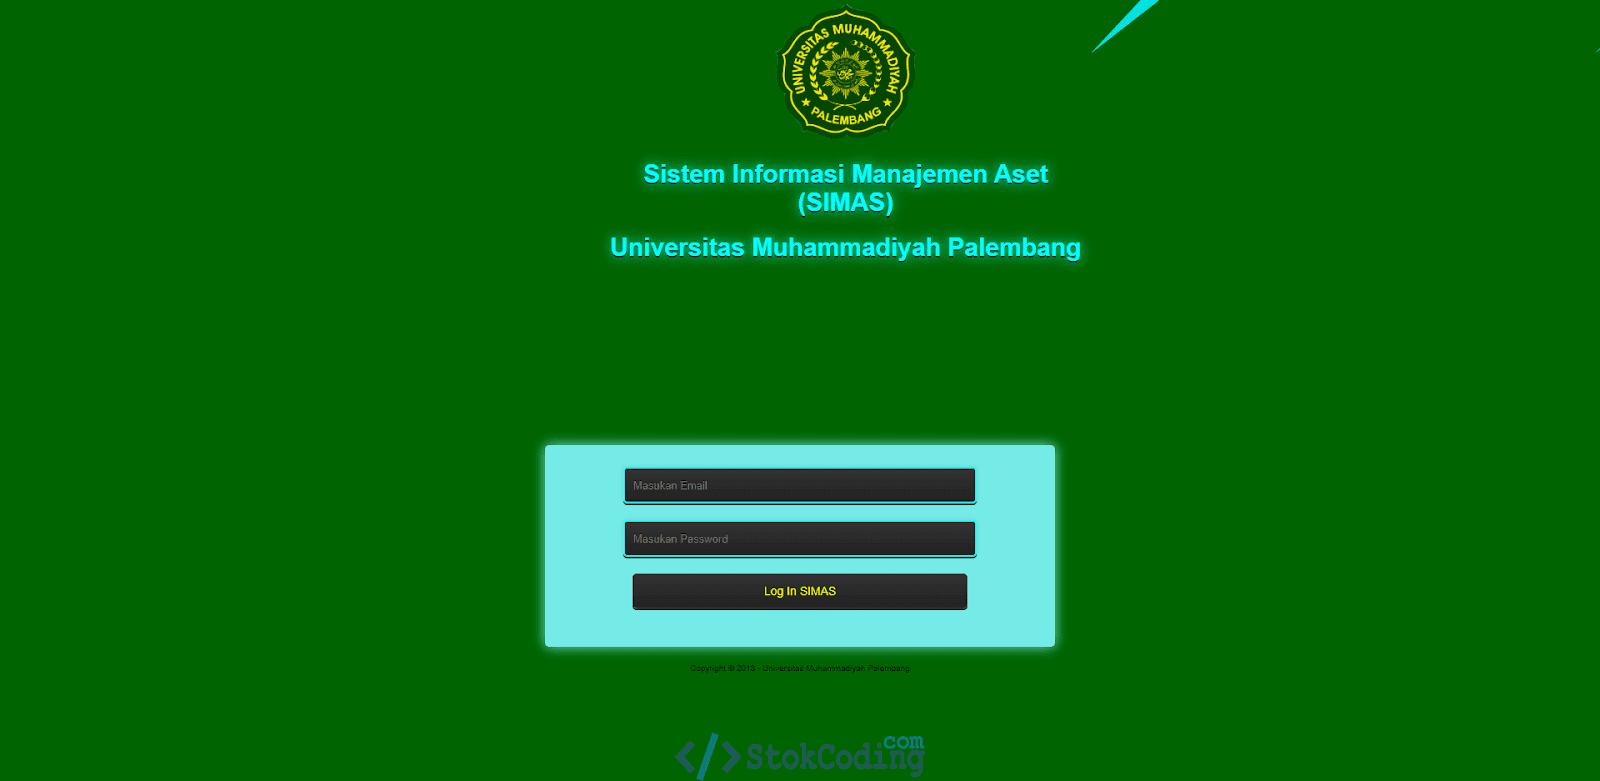 Sistem Aplikasi Informasi Managemen Aset (PHP)